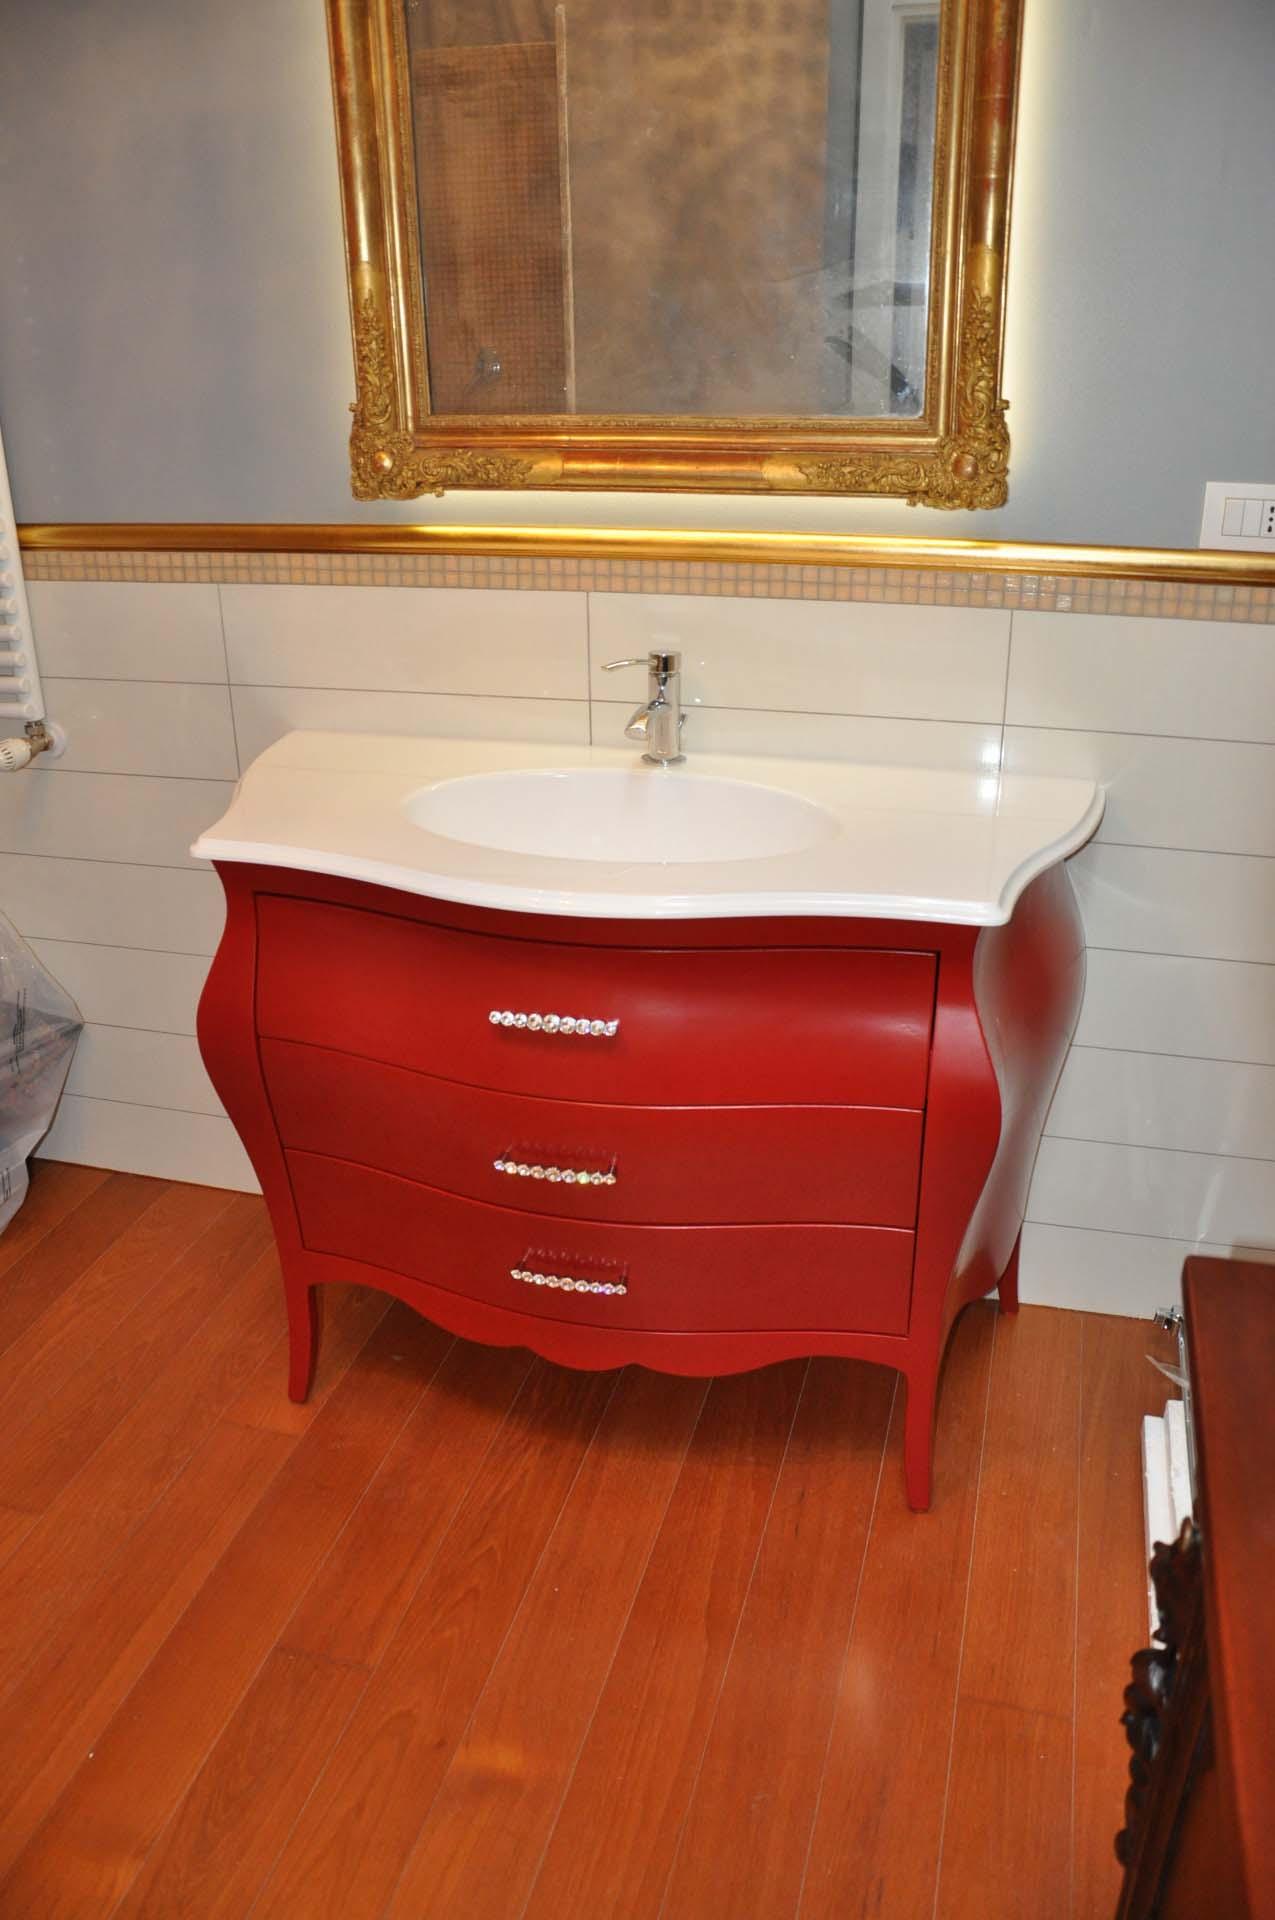 Latest mobile per bagno in legno a savona with bagni classici in muratura - Mobili in muratura per soggiorno ...